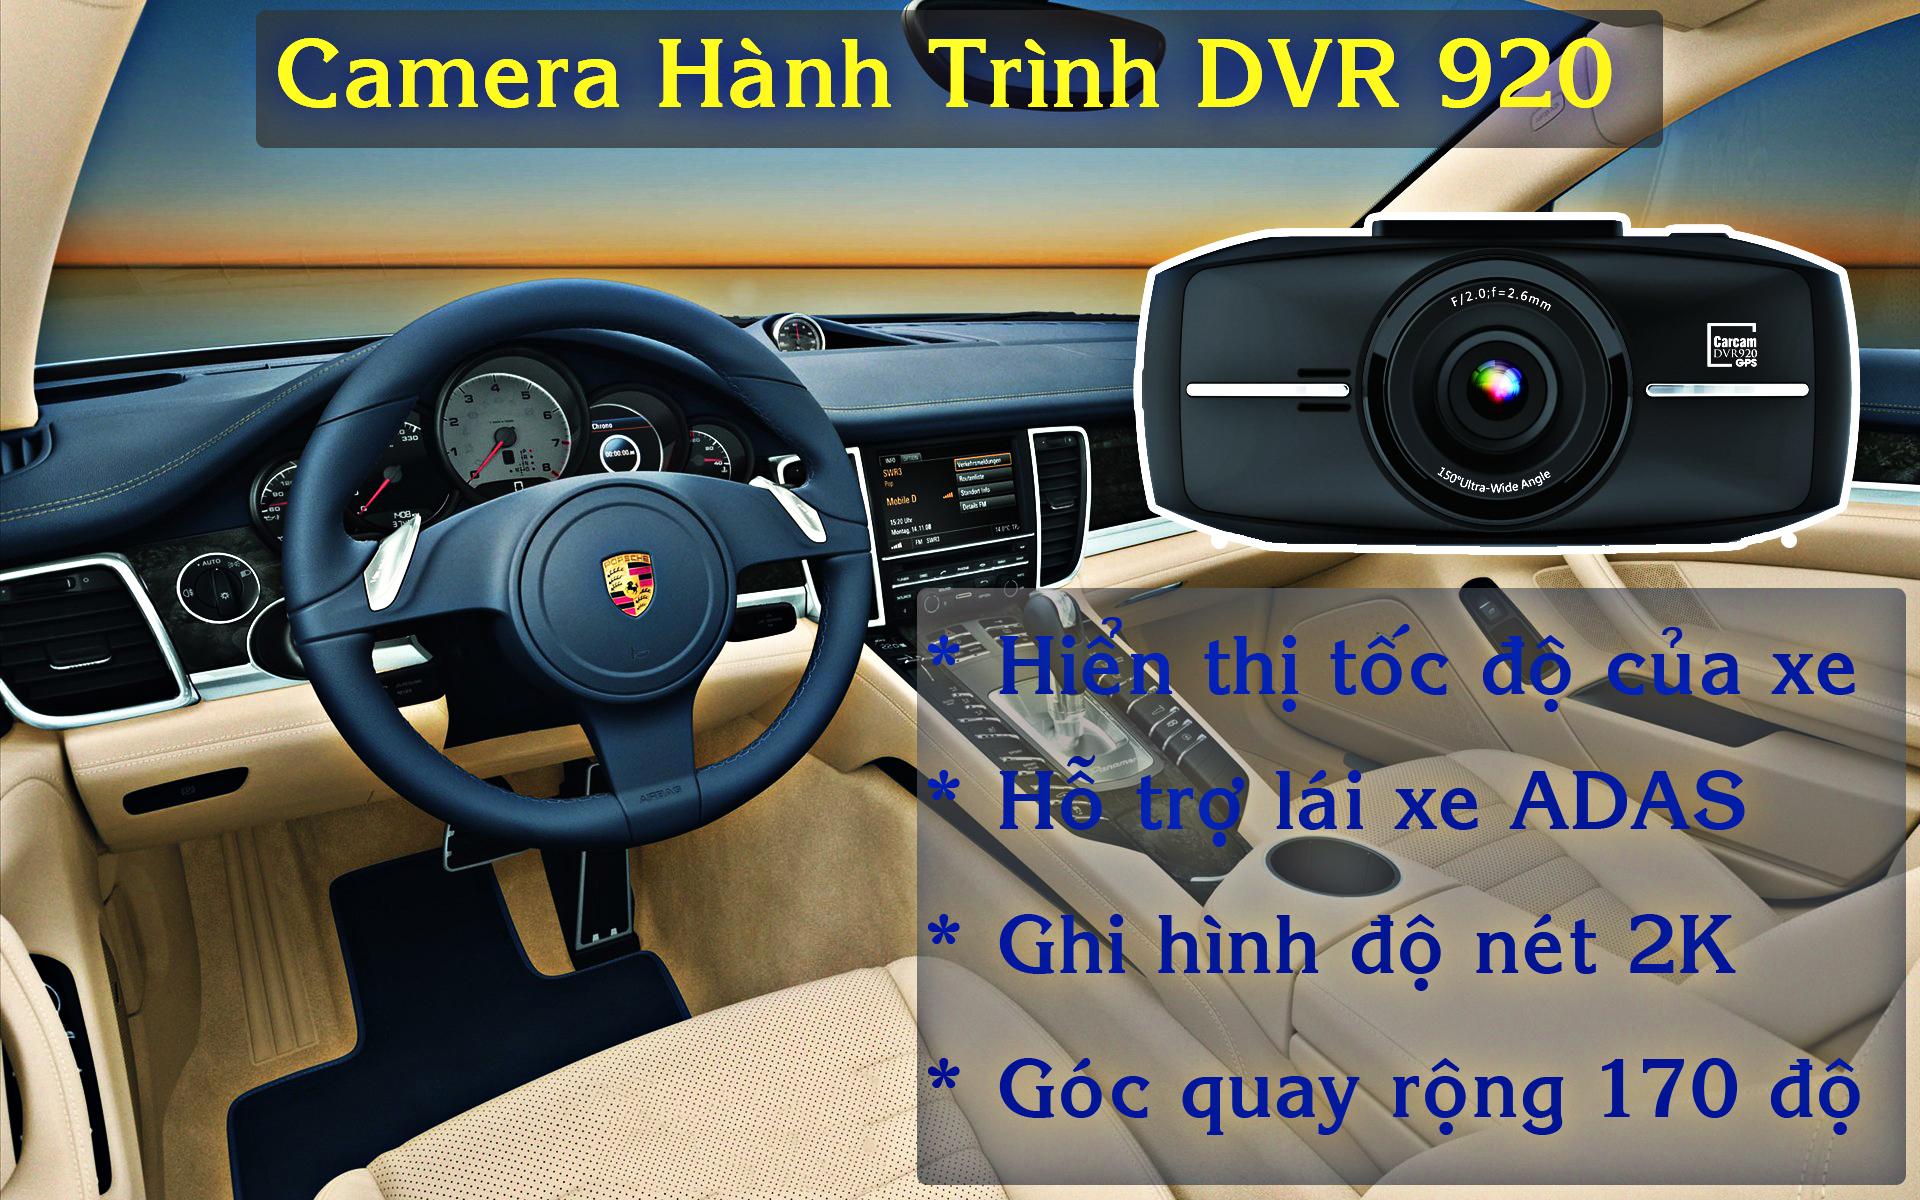 camera hành trình dvr 920